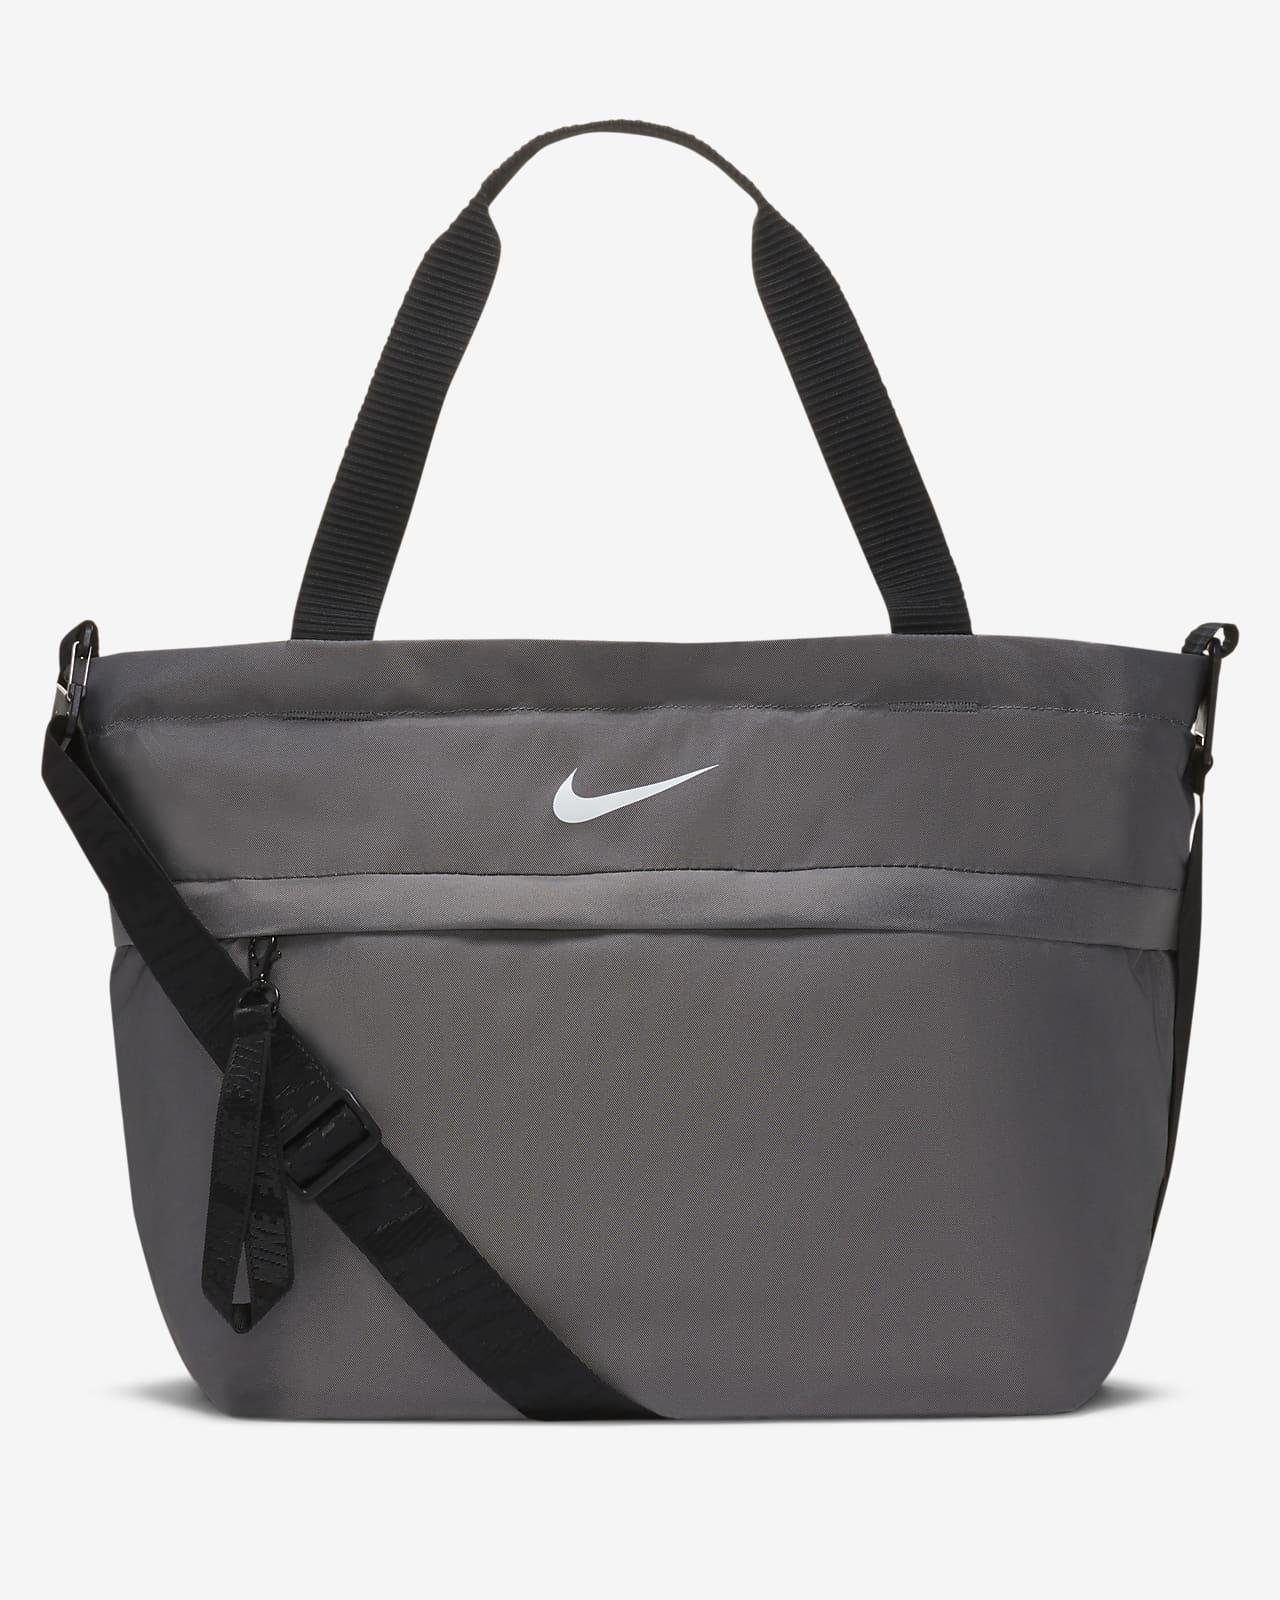 Nike Sportswear Essentials Tote